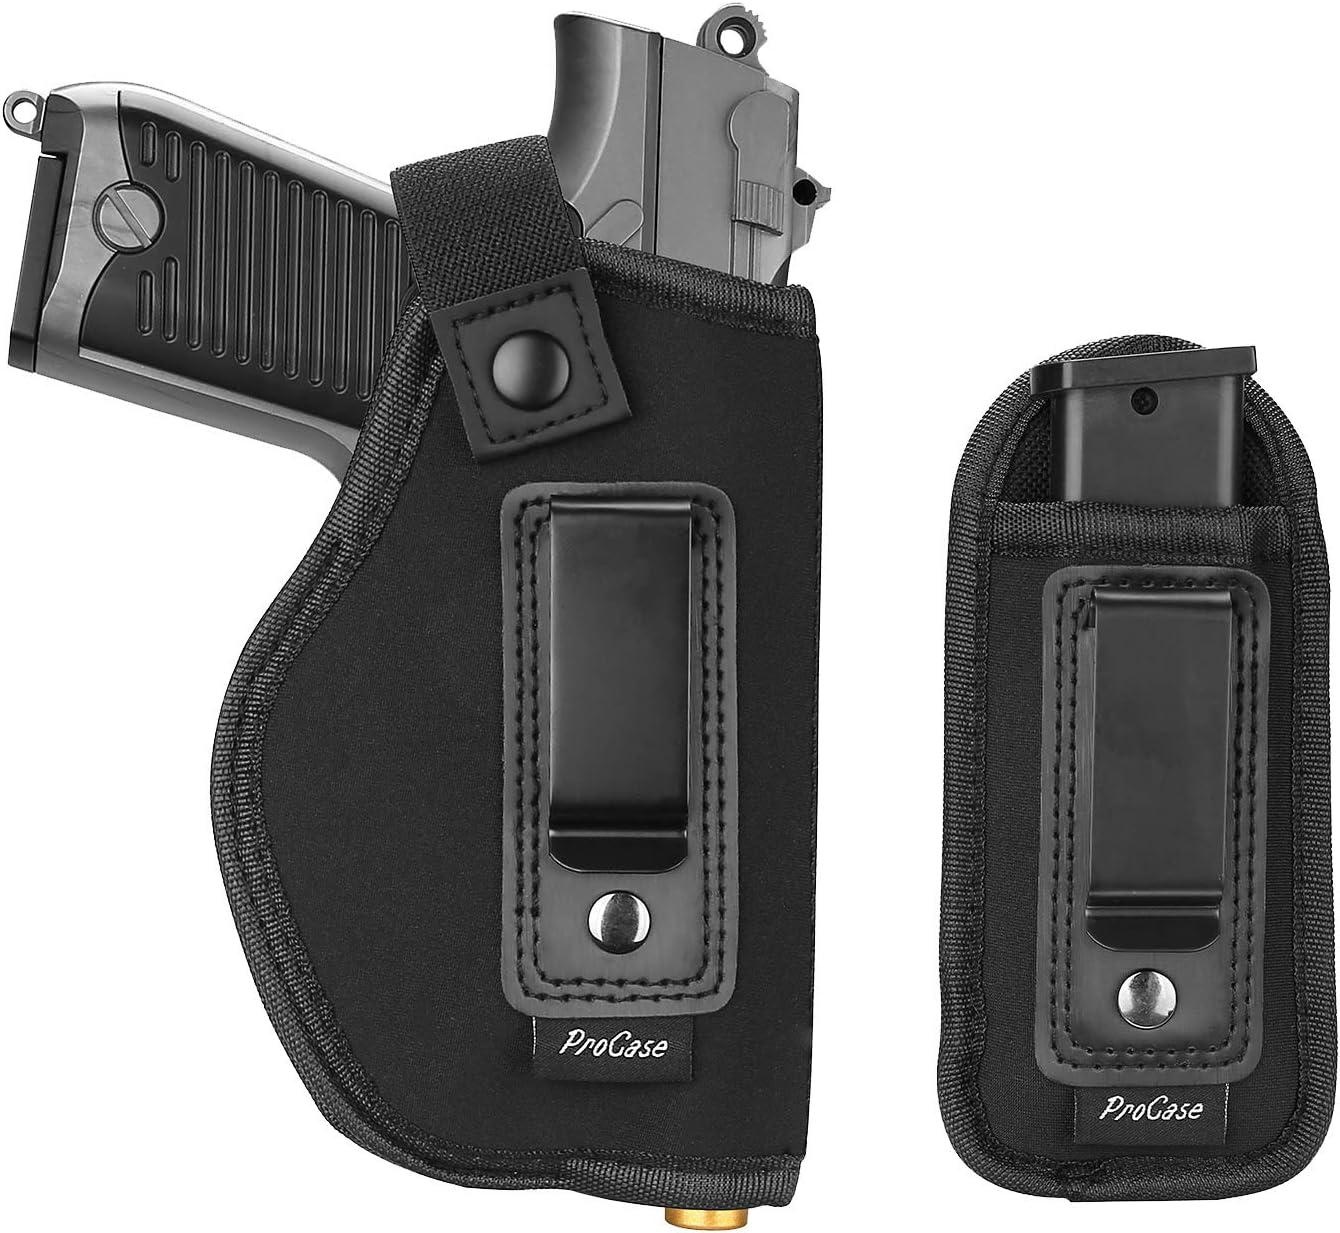 Procase Pistolera y Bolsillo Cargador, Funda Pistola Compacta y Porta Cargador Adicional, para Shield Glock Ruger Springfield y Arma de Fuego